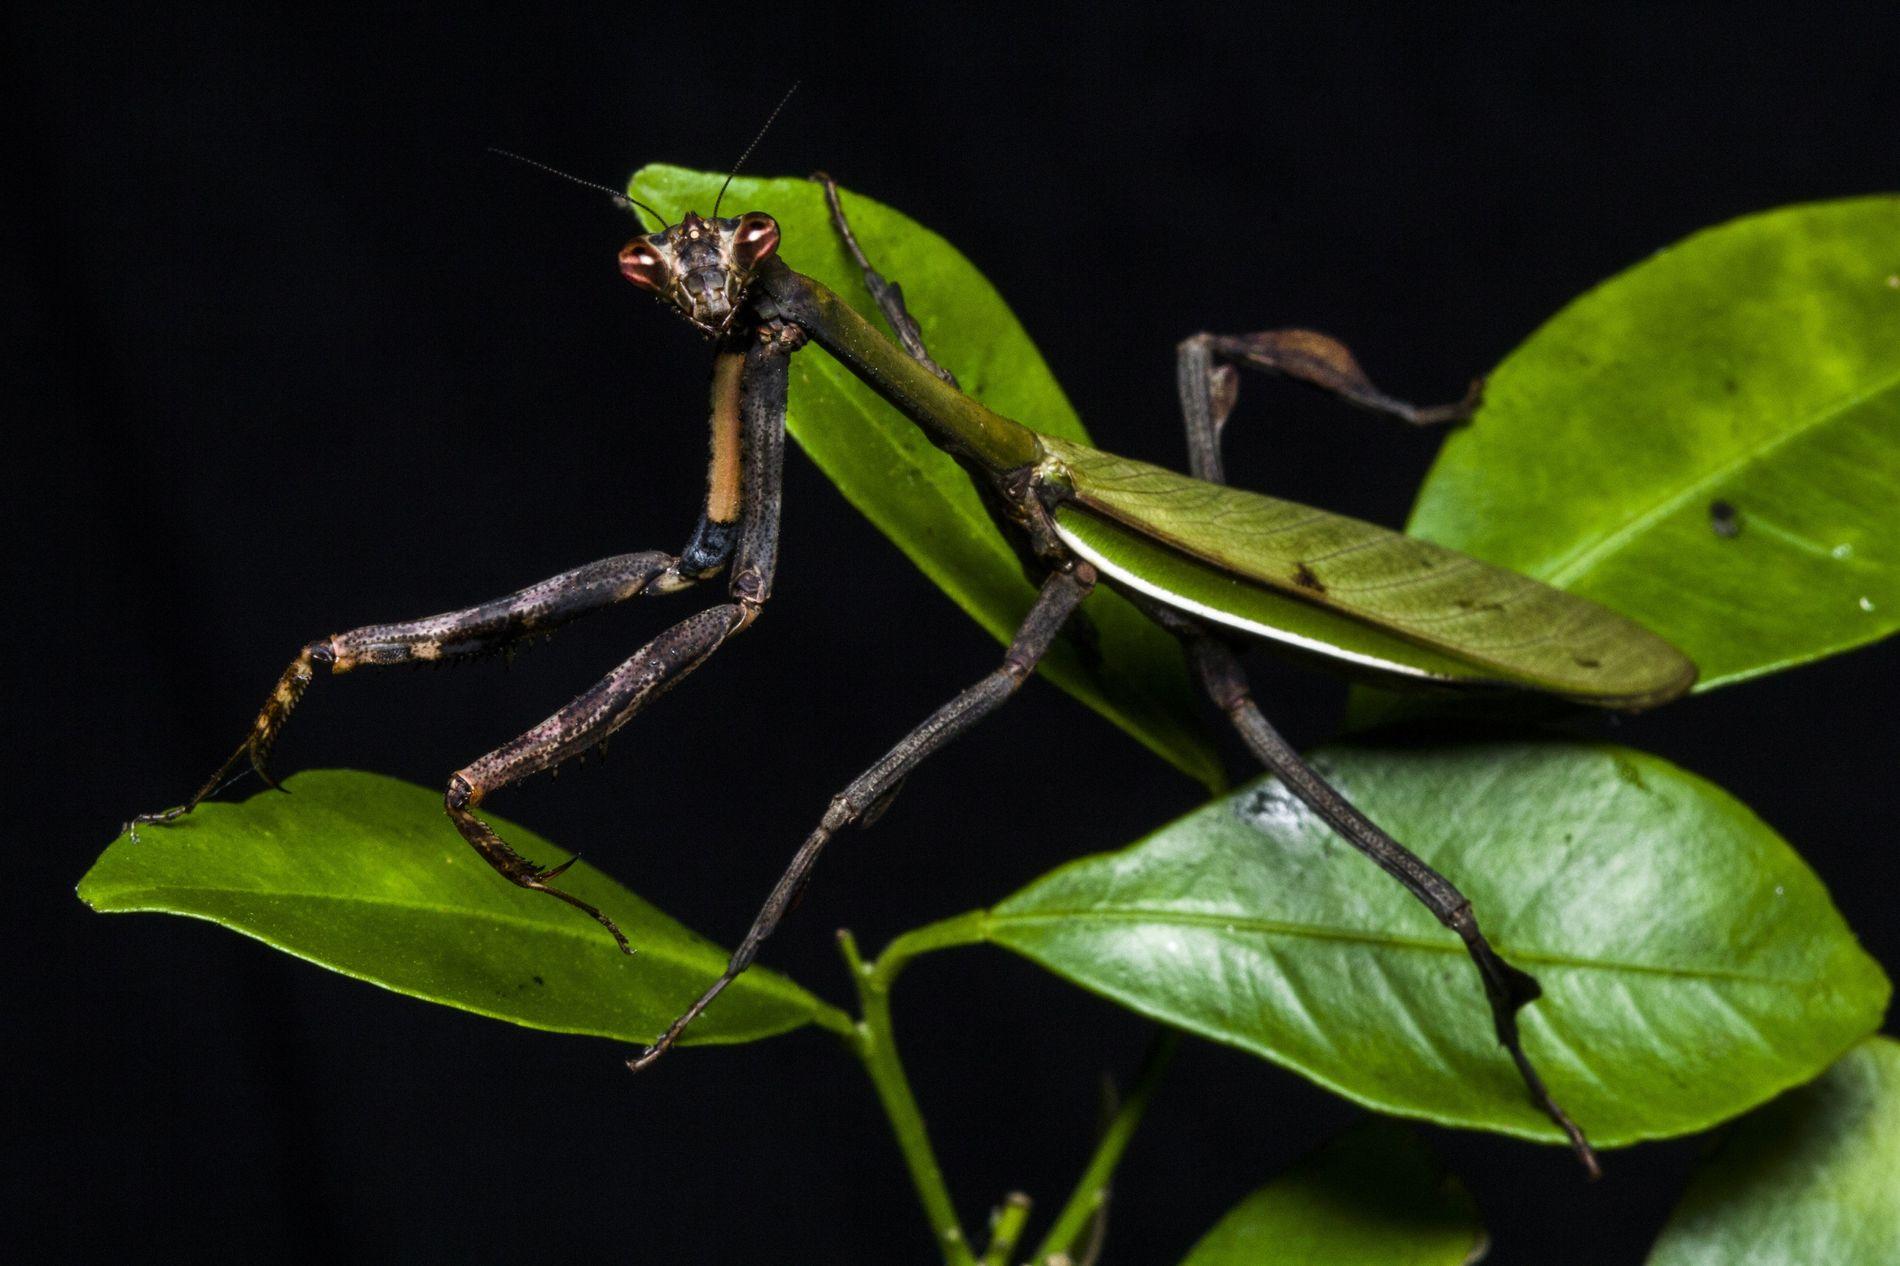 O Vates phoenix fêmea foi encontrado ao acaso no Jardim Botânico do Rio de Janeiro, mais ...